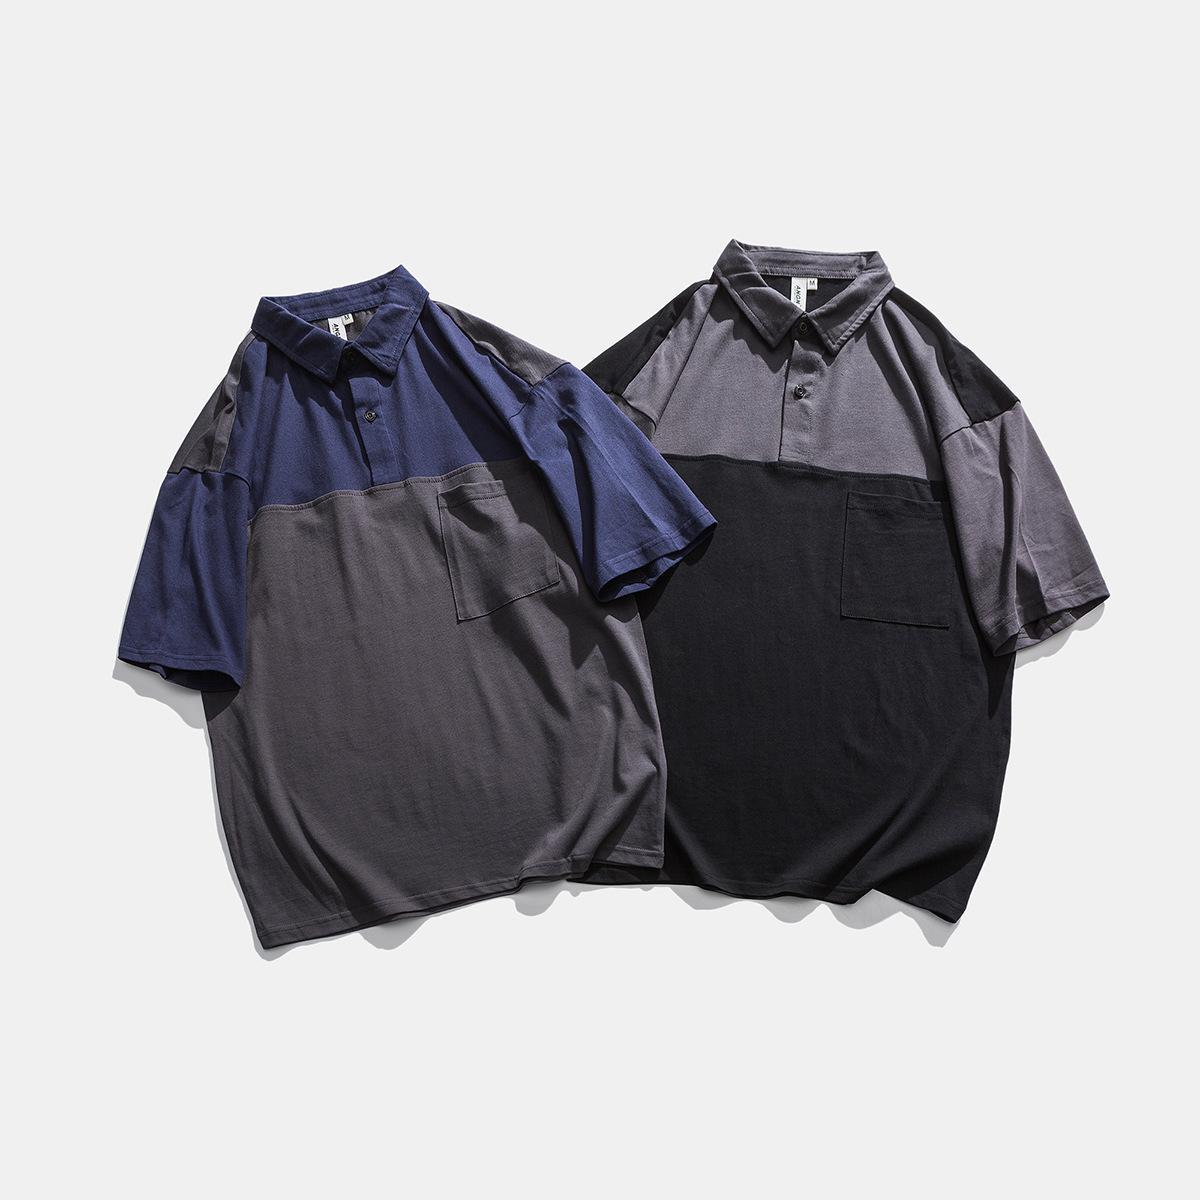 Nord Boundary uomini di usura dei 2020 nuovi stili della primavera 2020 Joint POLO T-shirt manica T202545